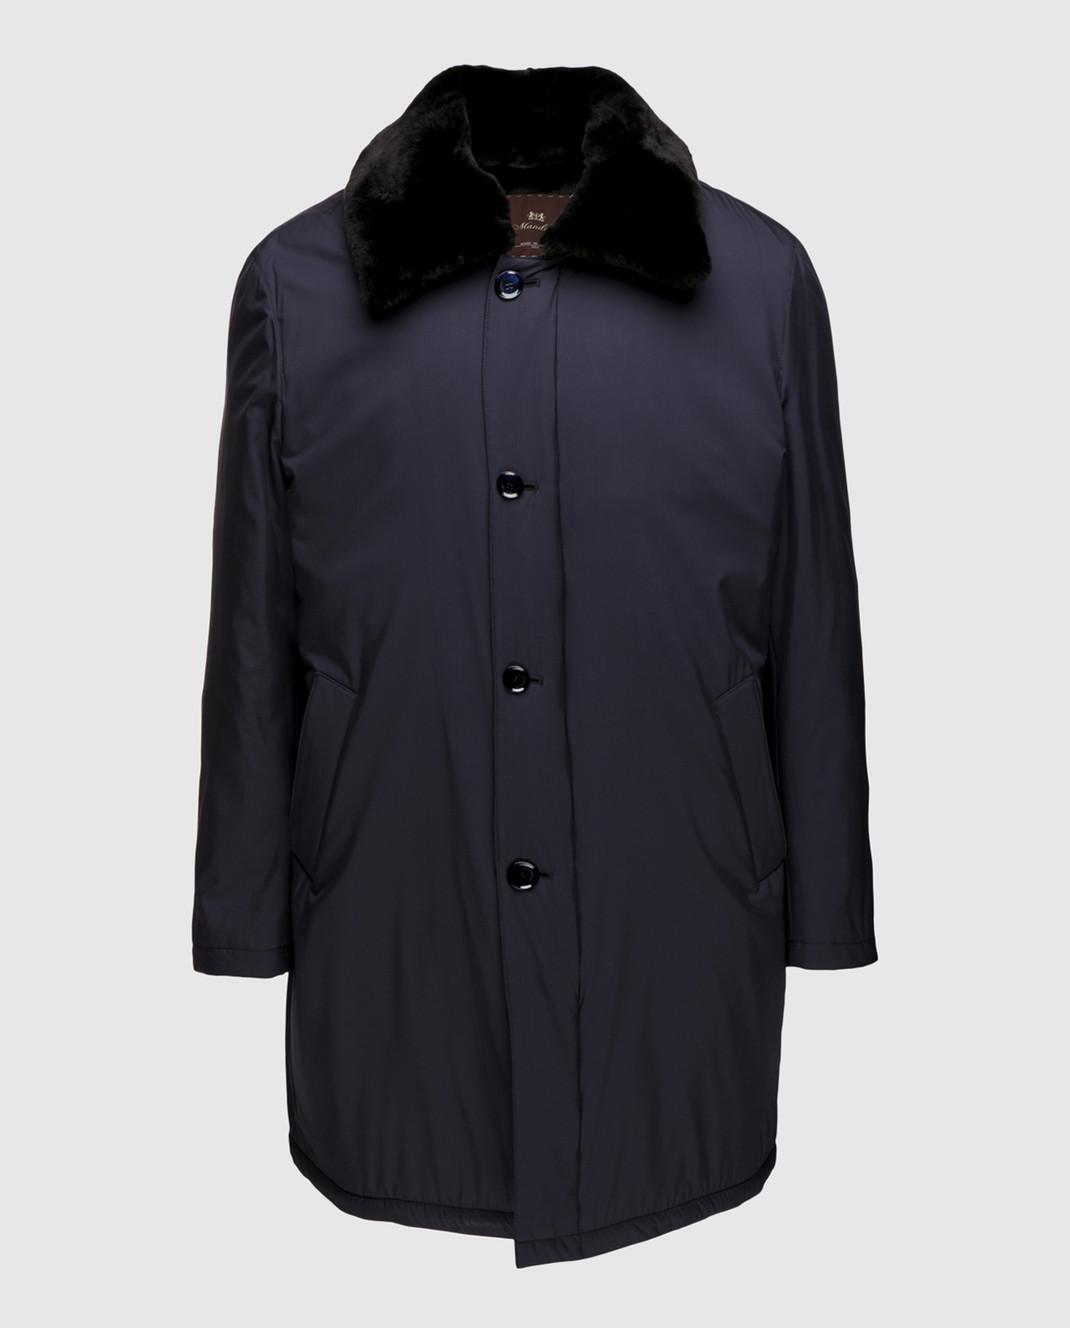 Enrico Mandelli Синее пальто из шелка со съёмным воротником из меха нутрии A6T766